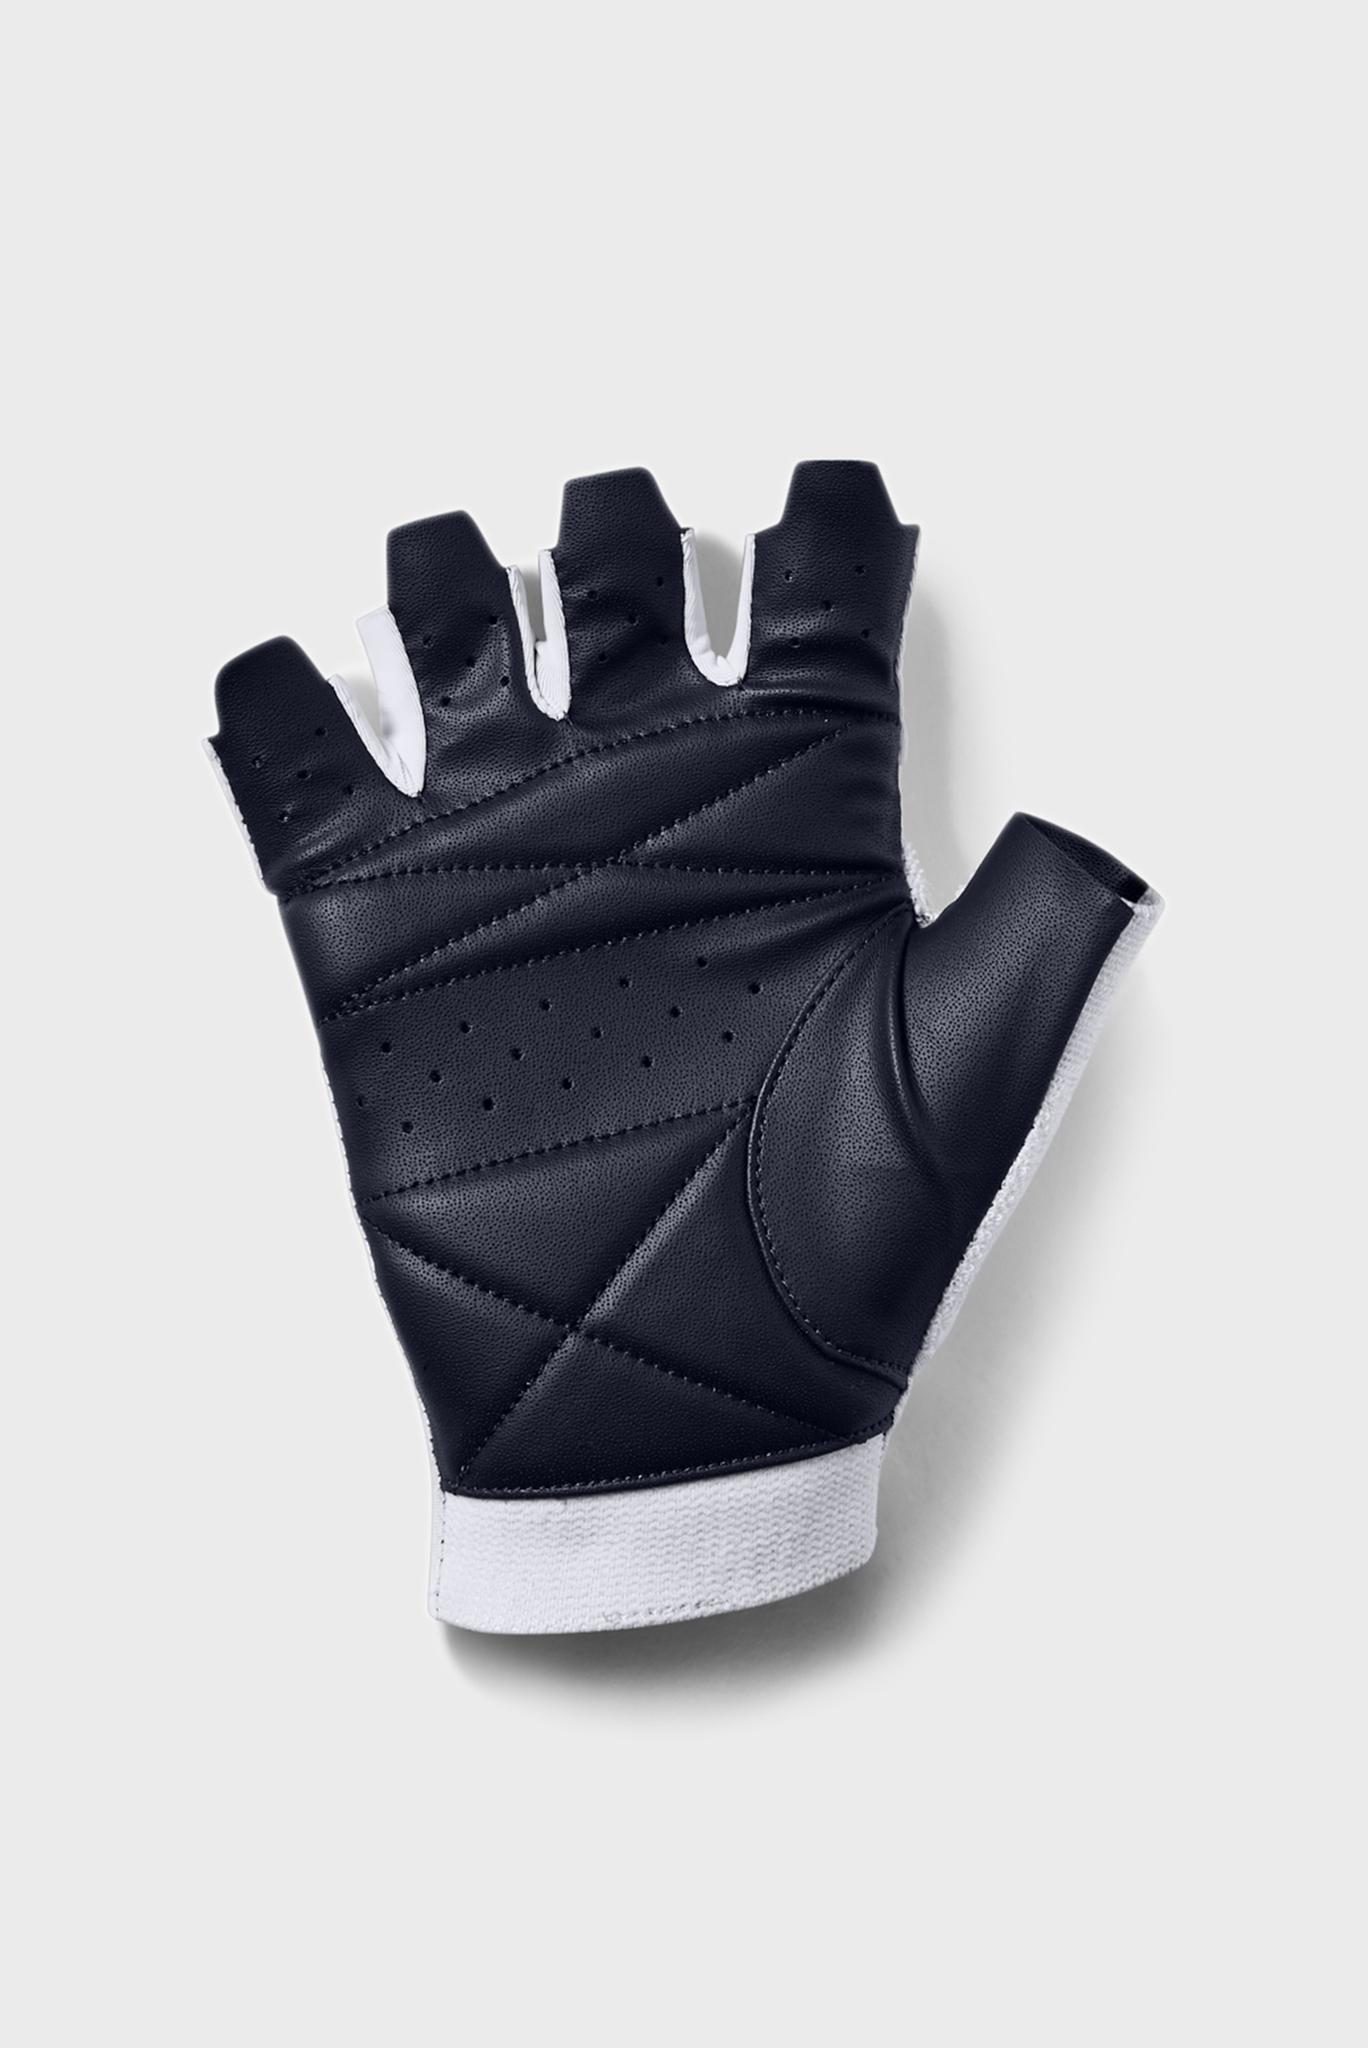 Мужские серые перчатки UA Men's Training Glove-GRY Under Armour